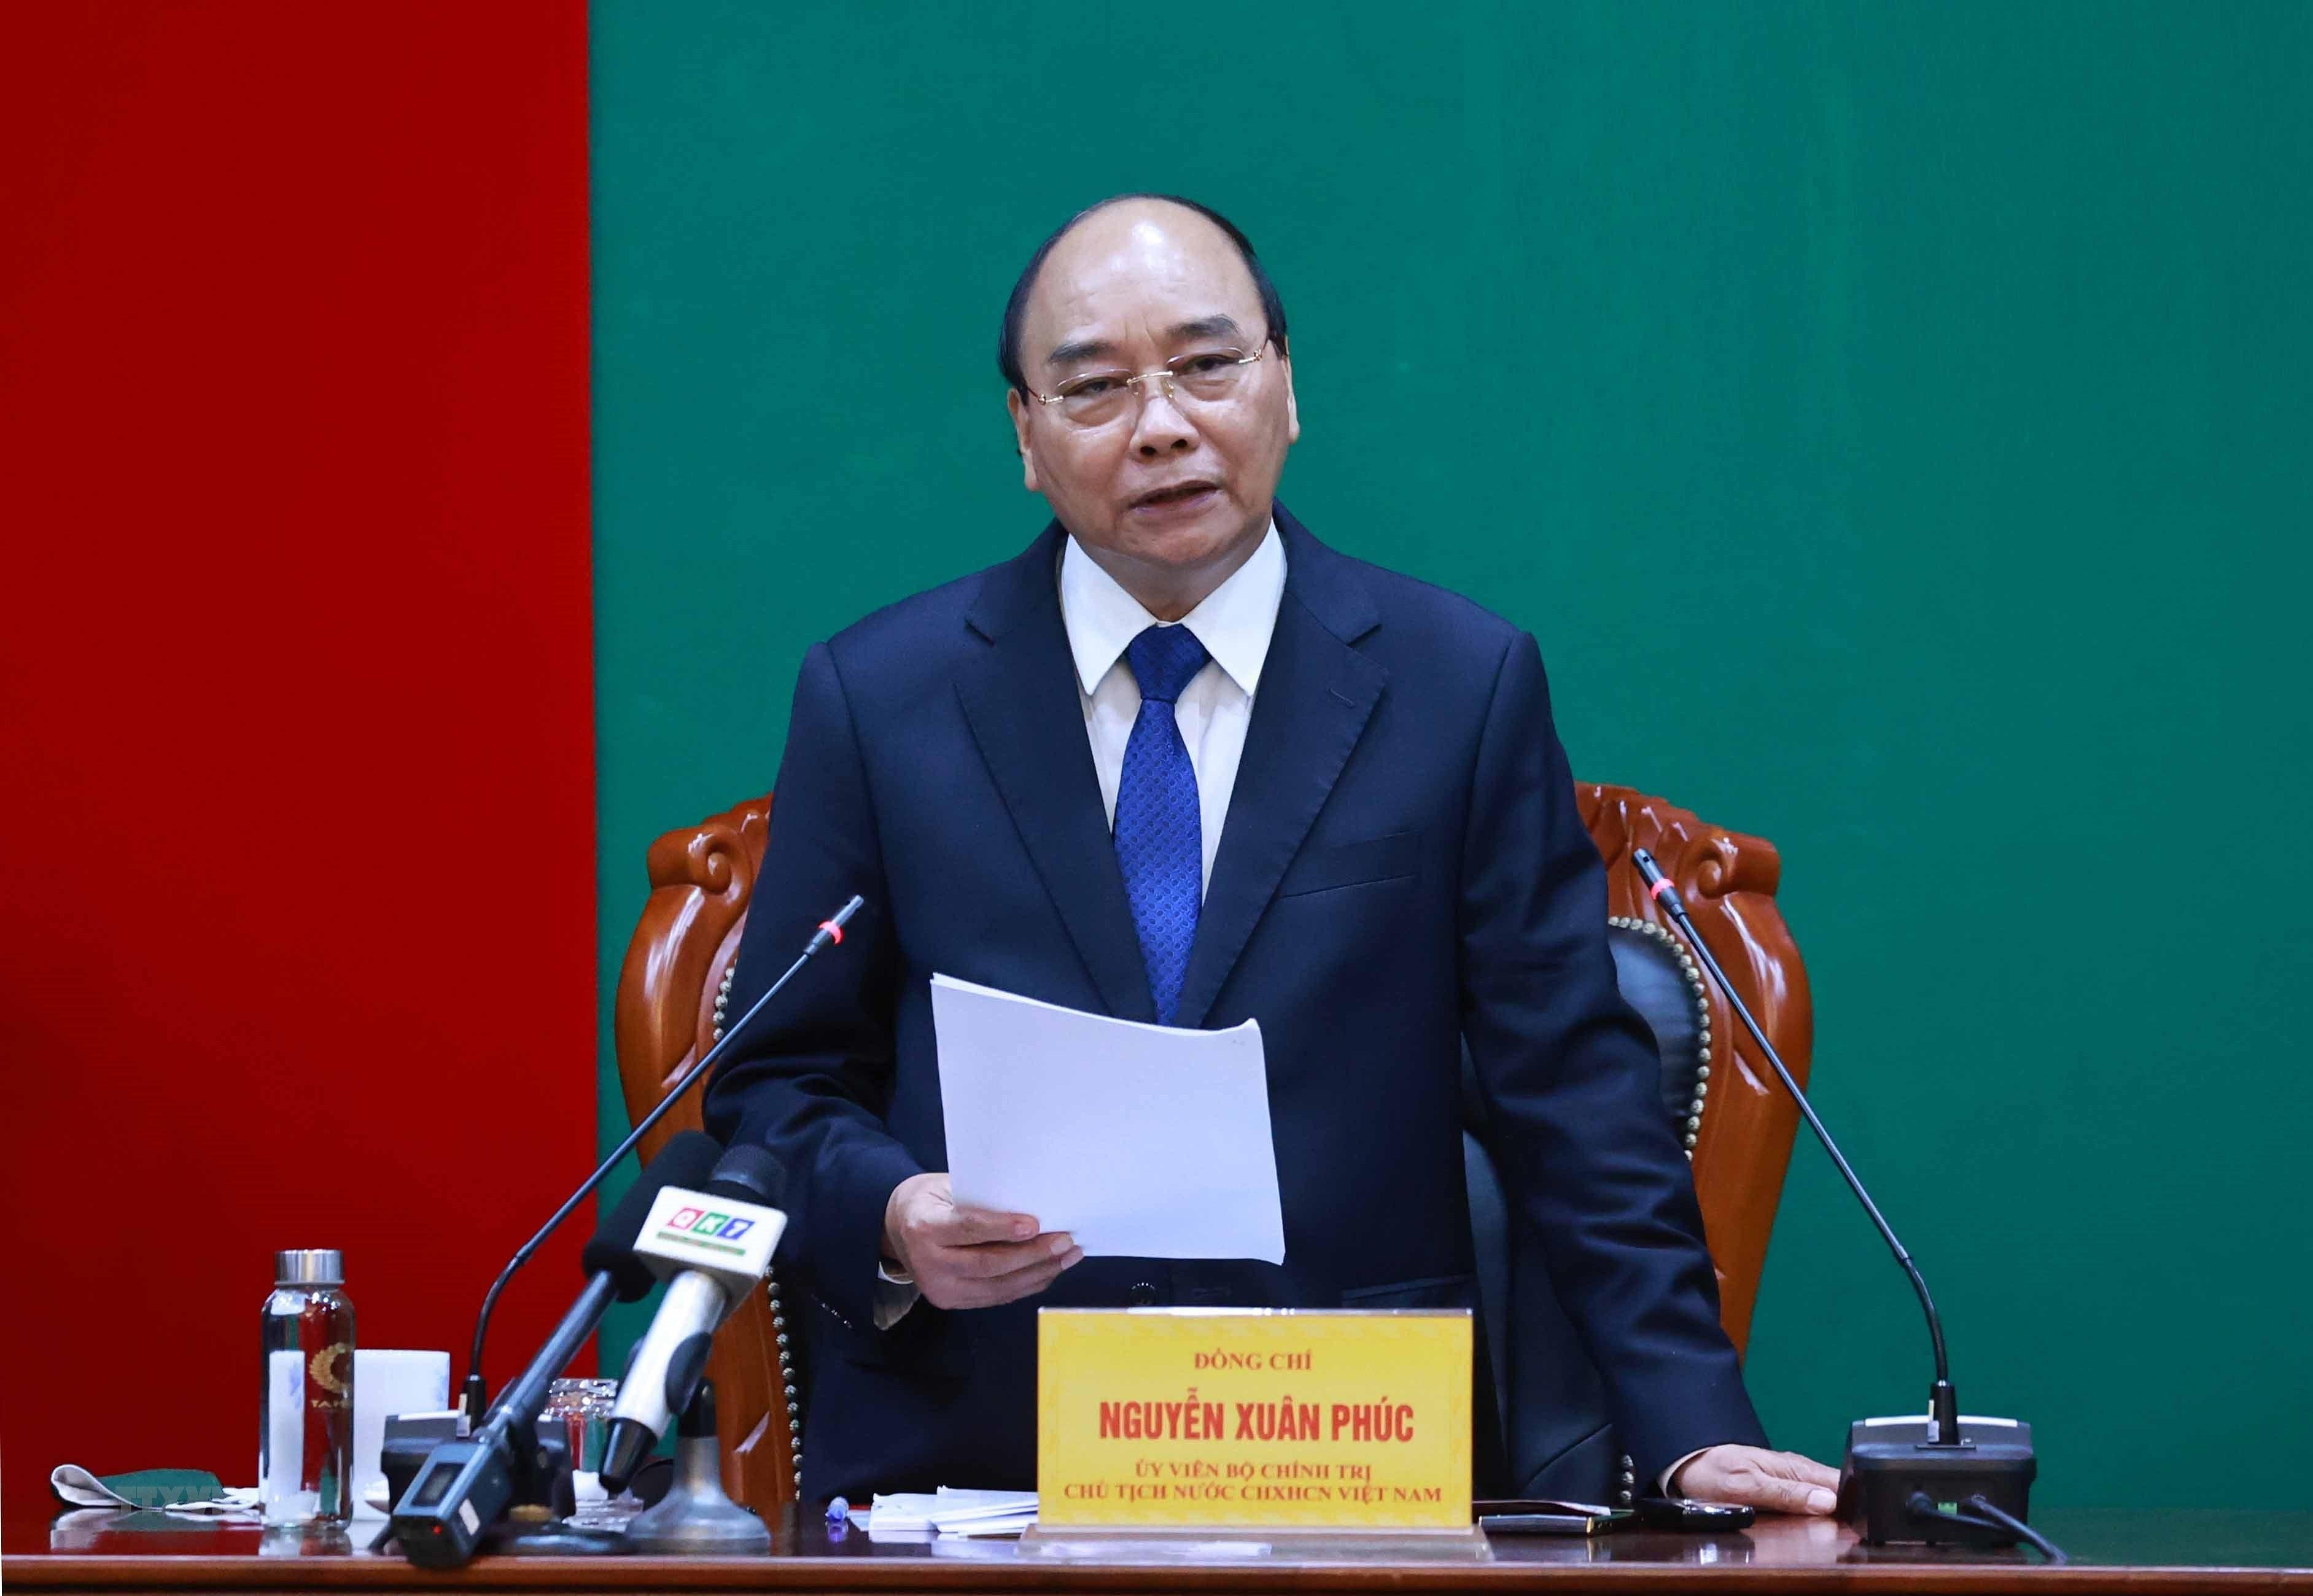 Hinh anh Chu tich nuoc Nguyen Xuan Phuc tham, lam viec tai Quan khu 7 hinh anh 4